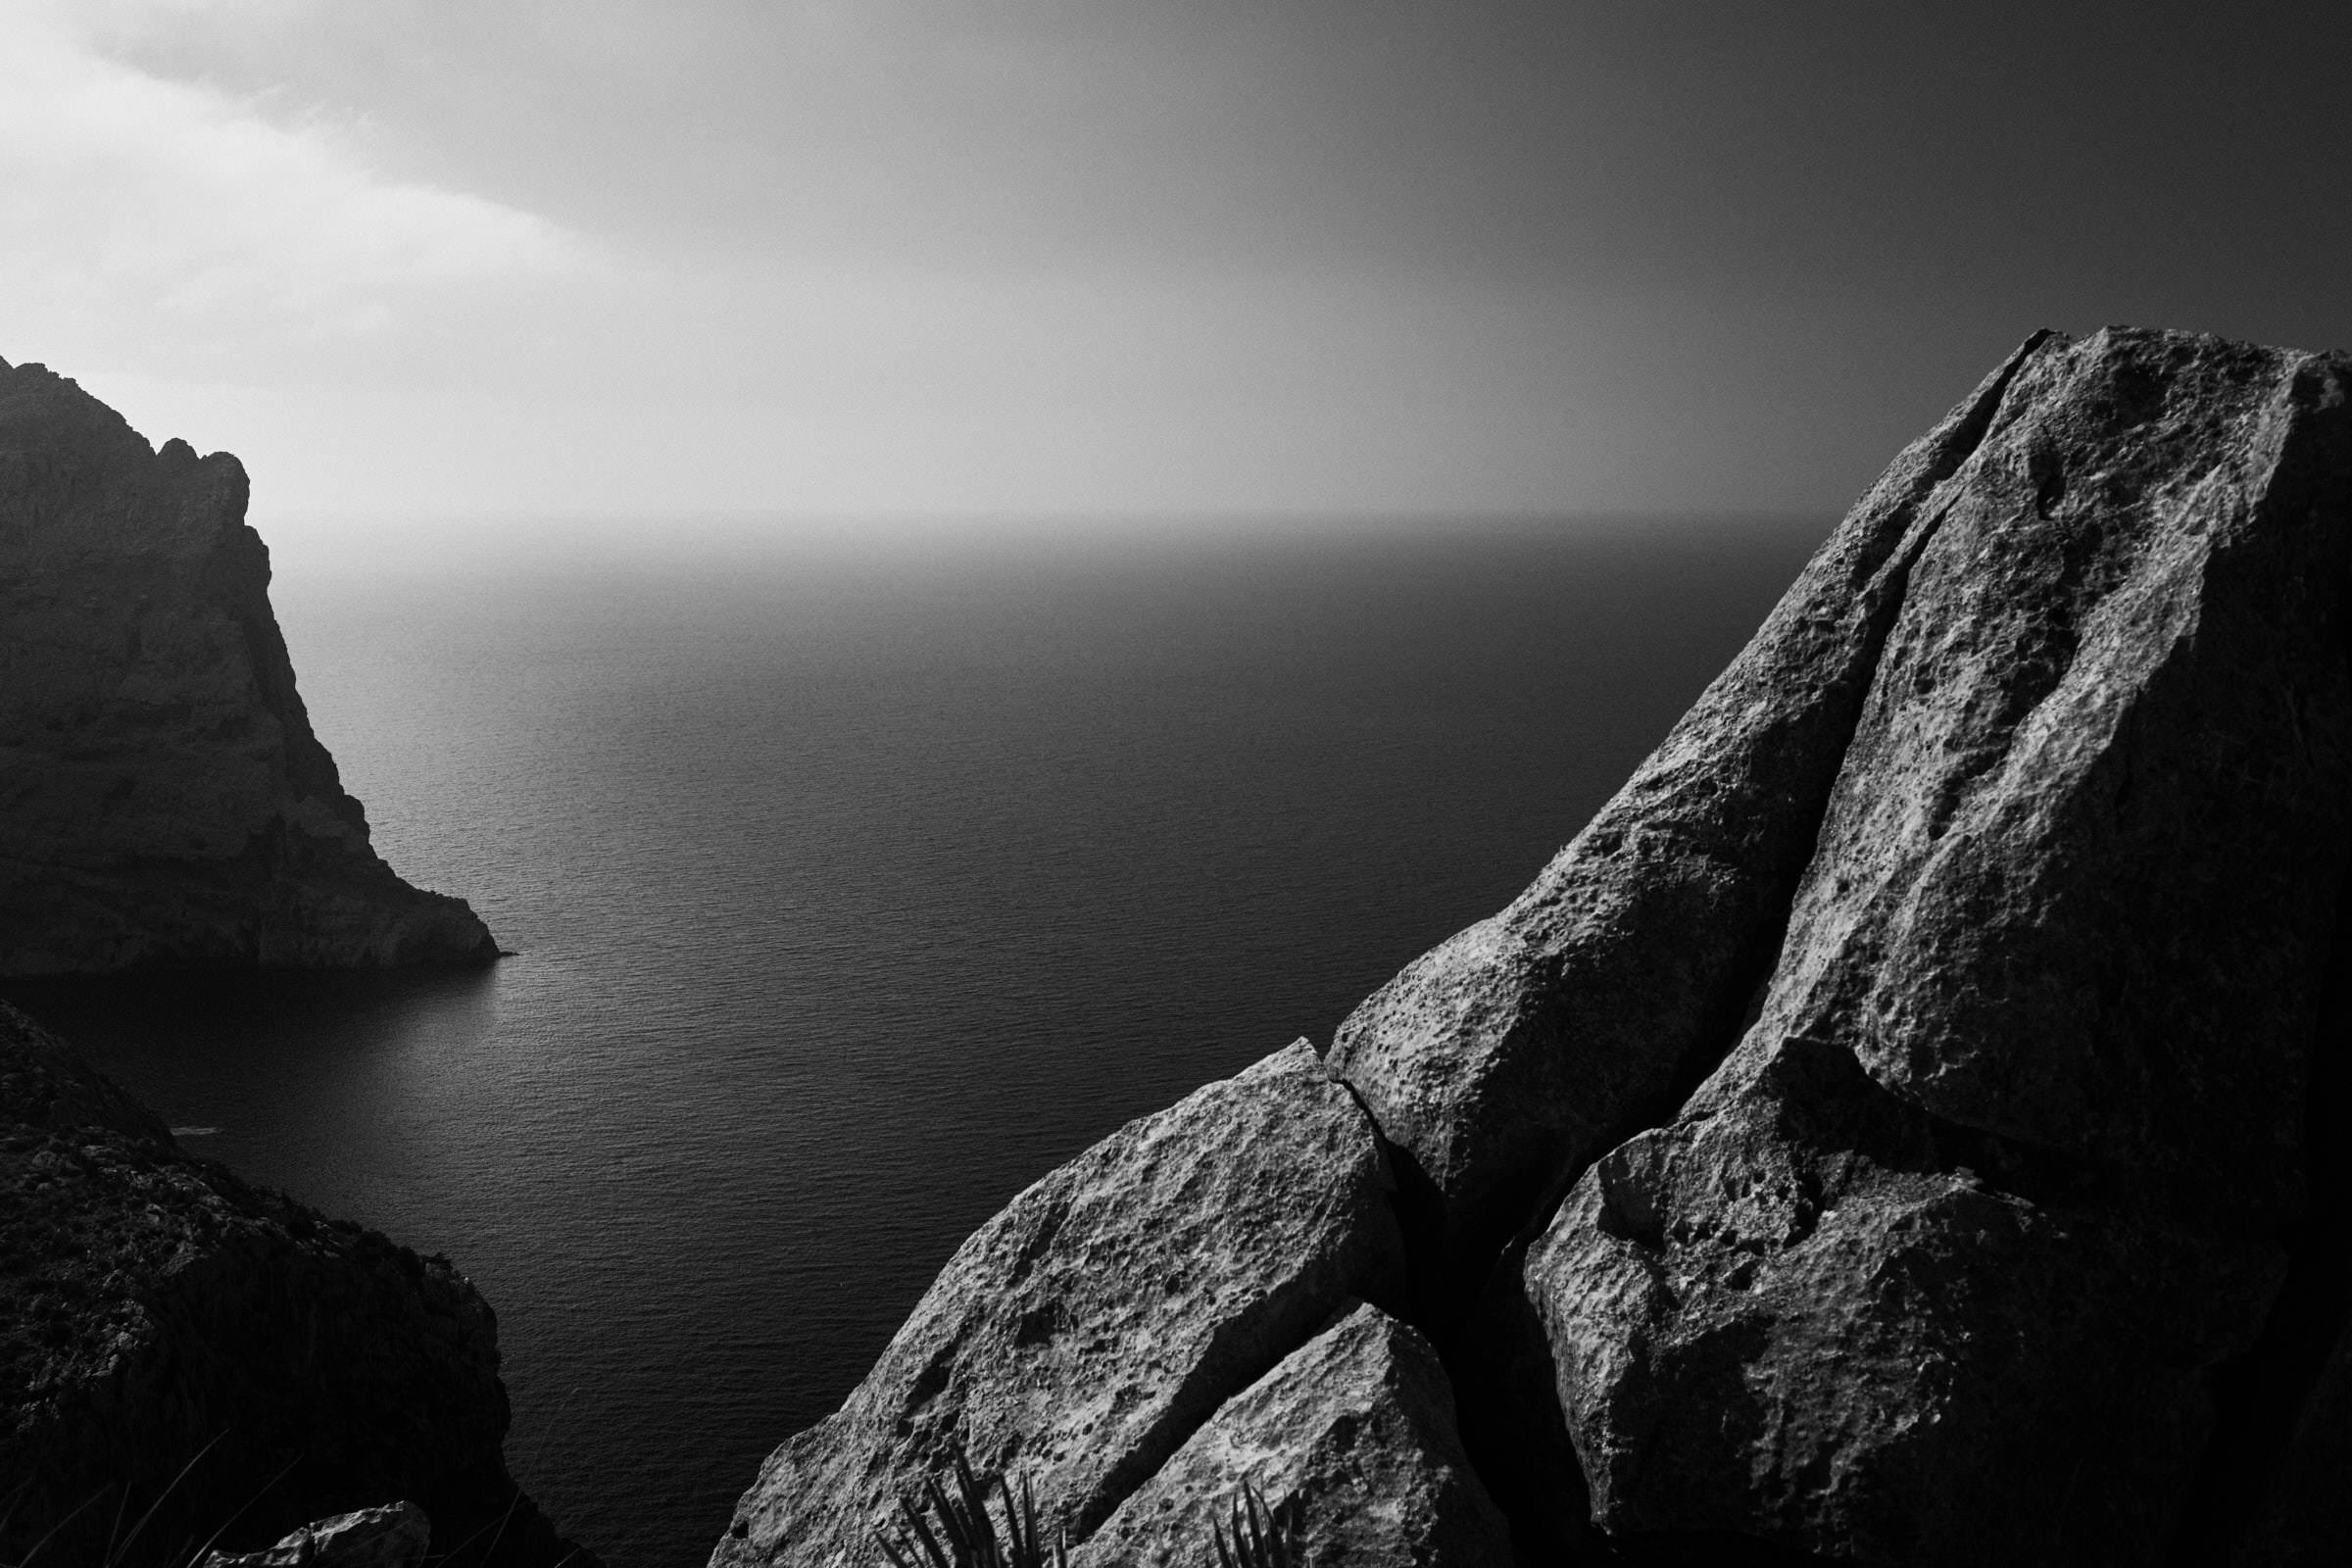 Portfolio_406_Landscape_Silence_BW_DSC4266_KRISTOFER SAMUELSSON PHOTOGRAPHY.jpg